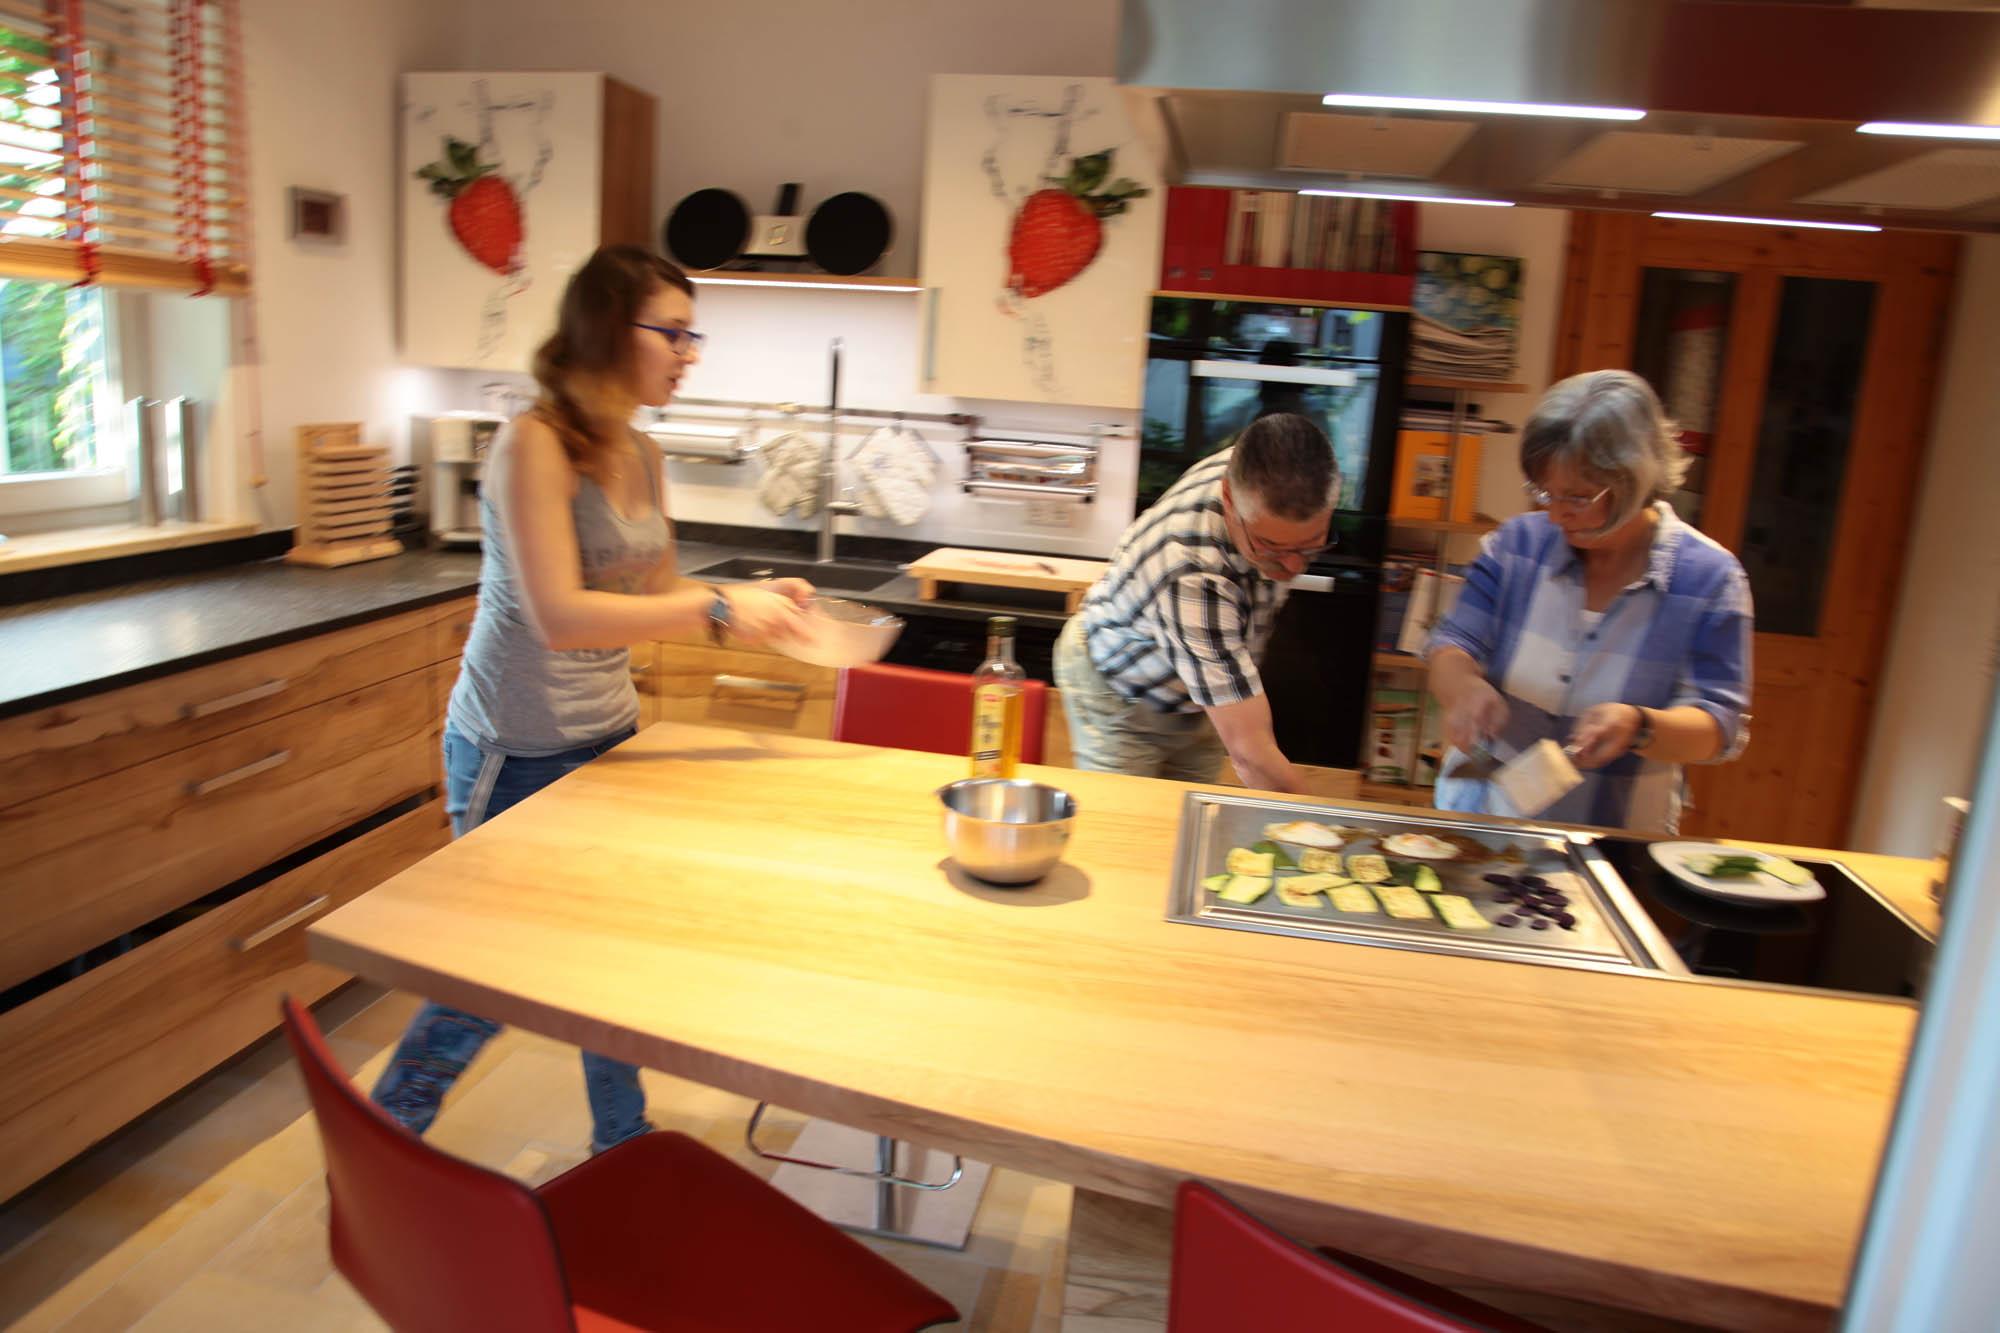 vakuumieren slow food und nachhaltigkeit das nachhaltigkeitsblog der m belmacher. Black Bedroom Furniture Sets. Home Design Ideas